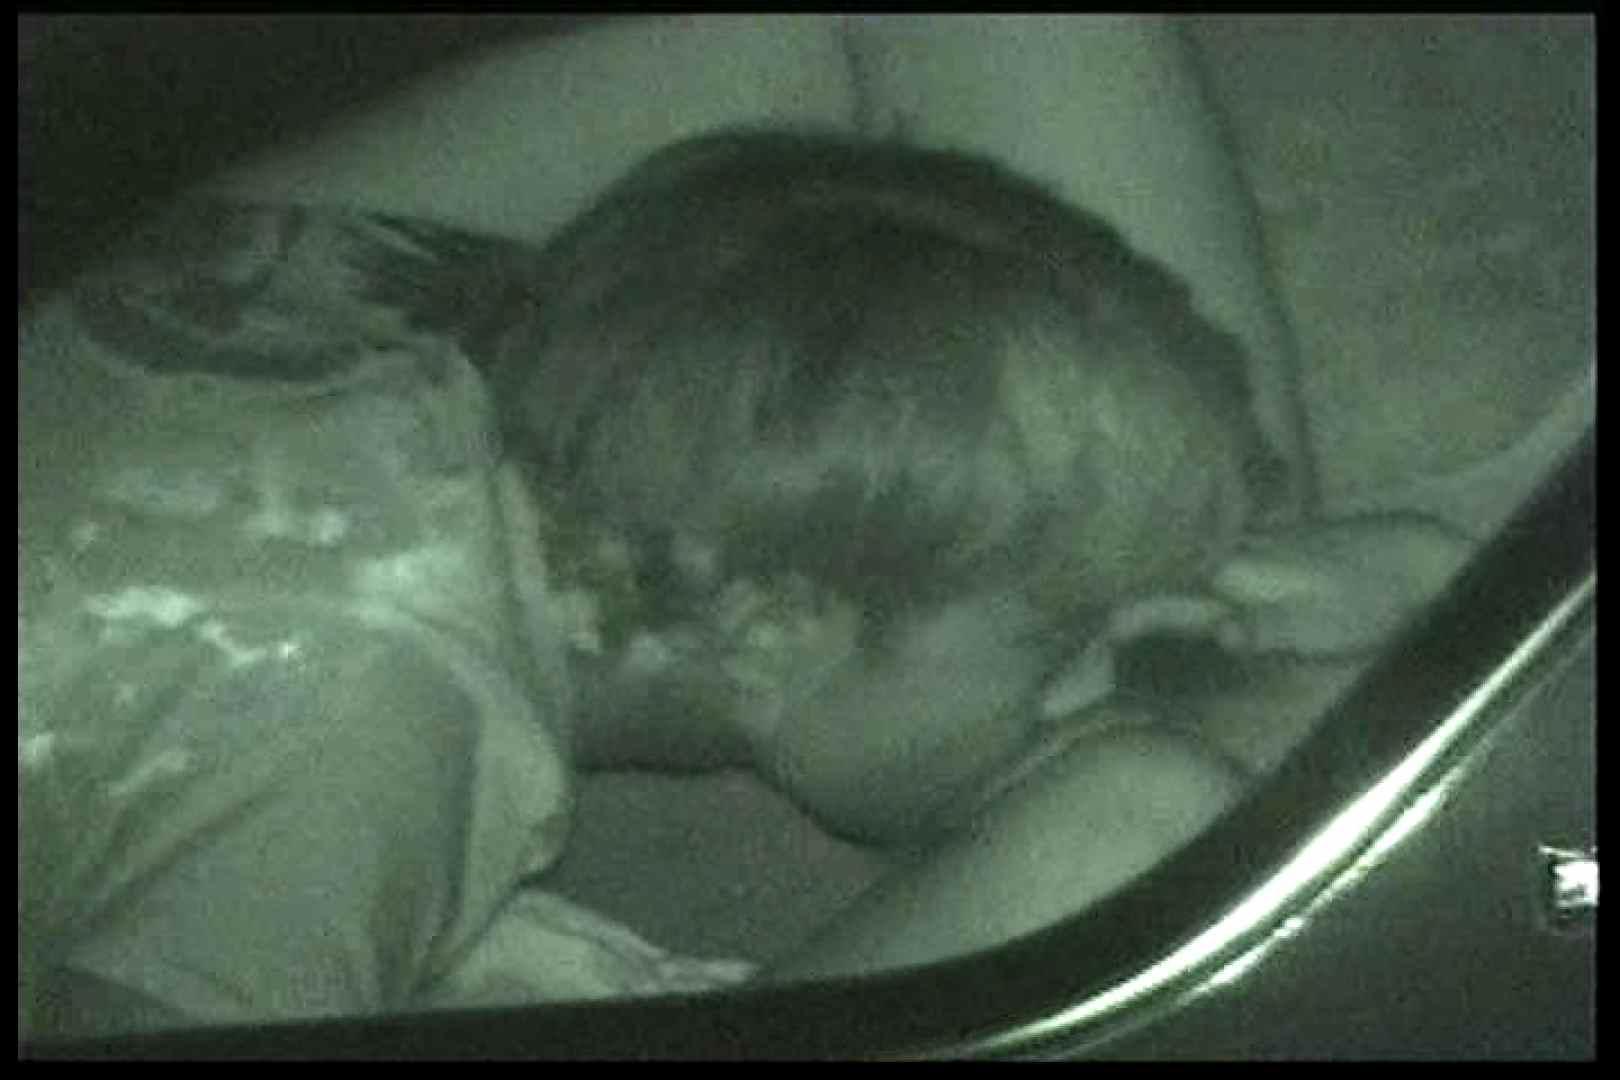 車の中はラブホテル 無修正版  Vol.13 ラブホテル 盗み撮り動画キャプチャ 65PIX 11